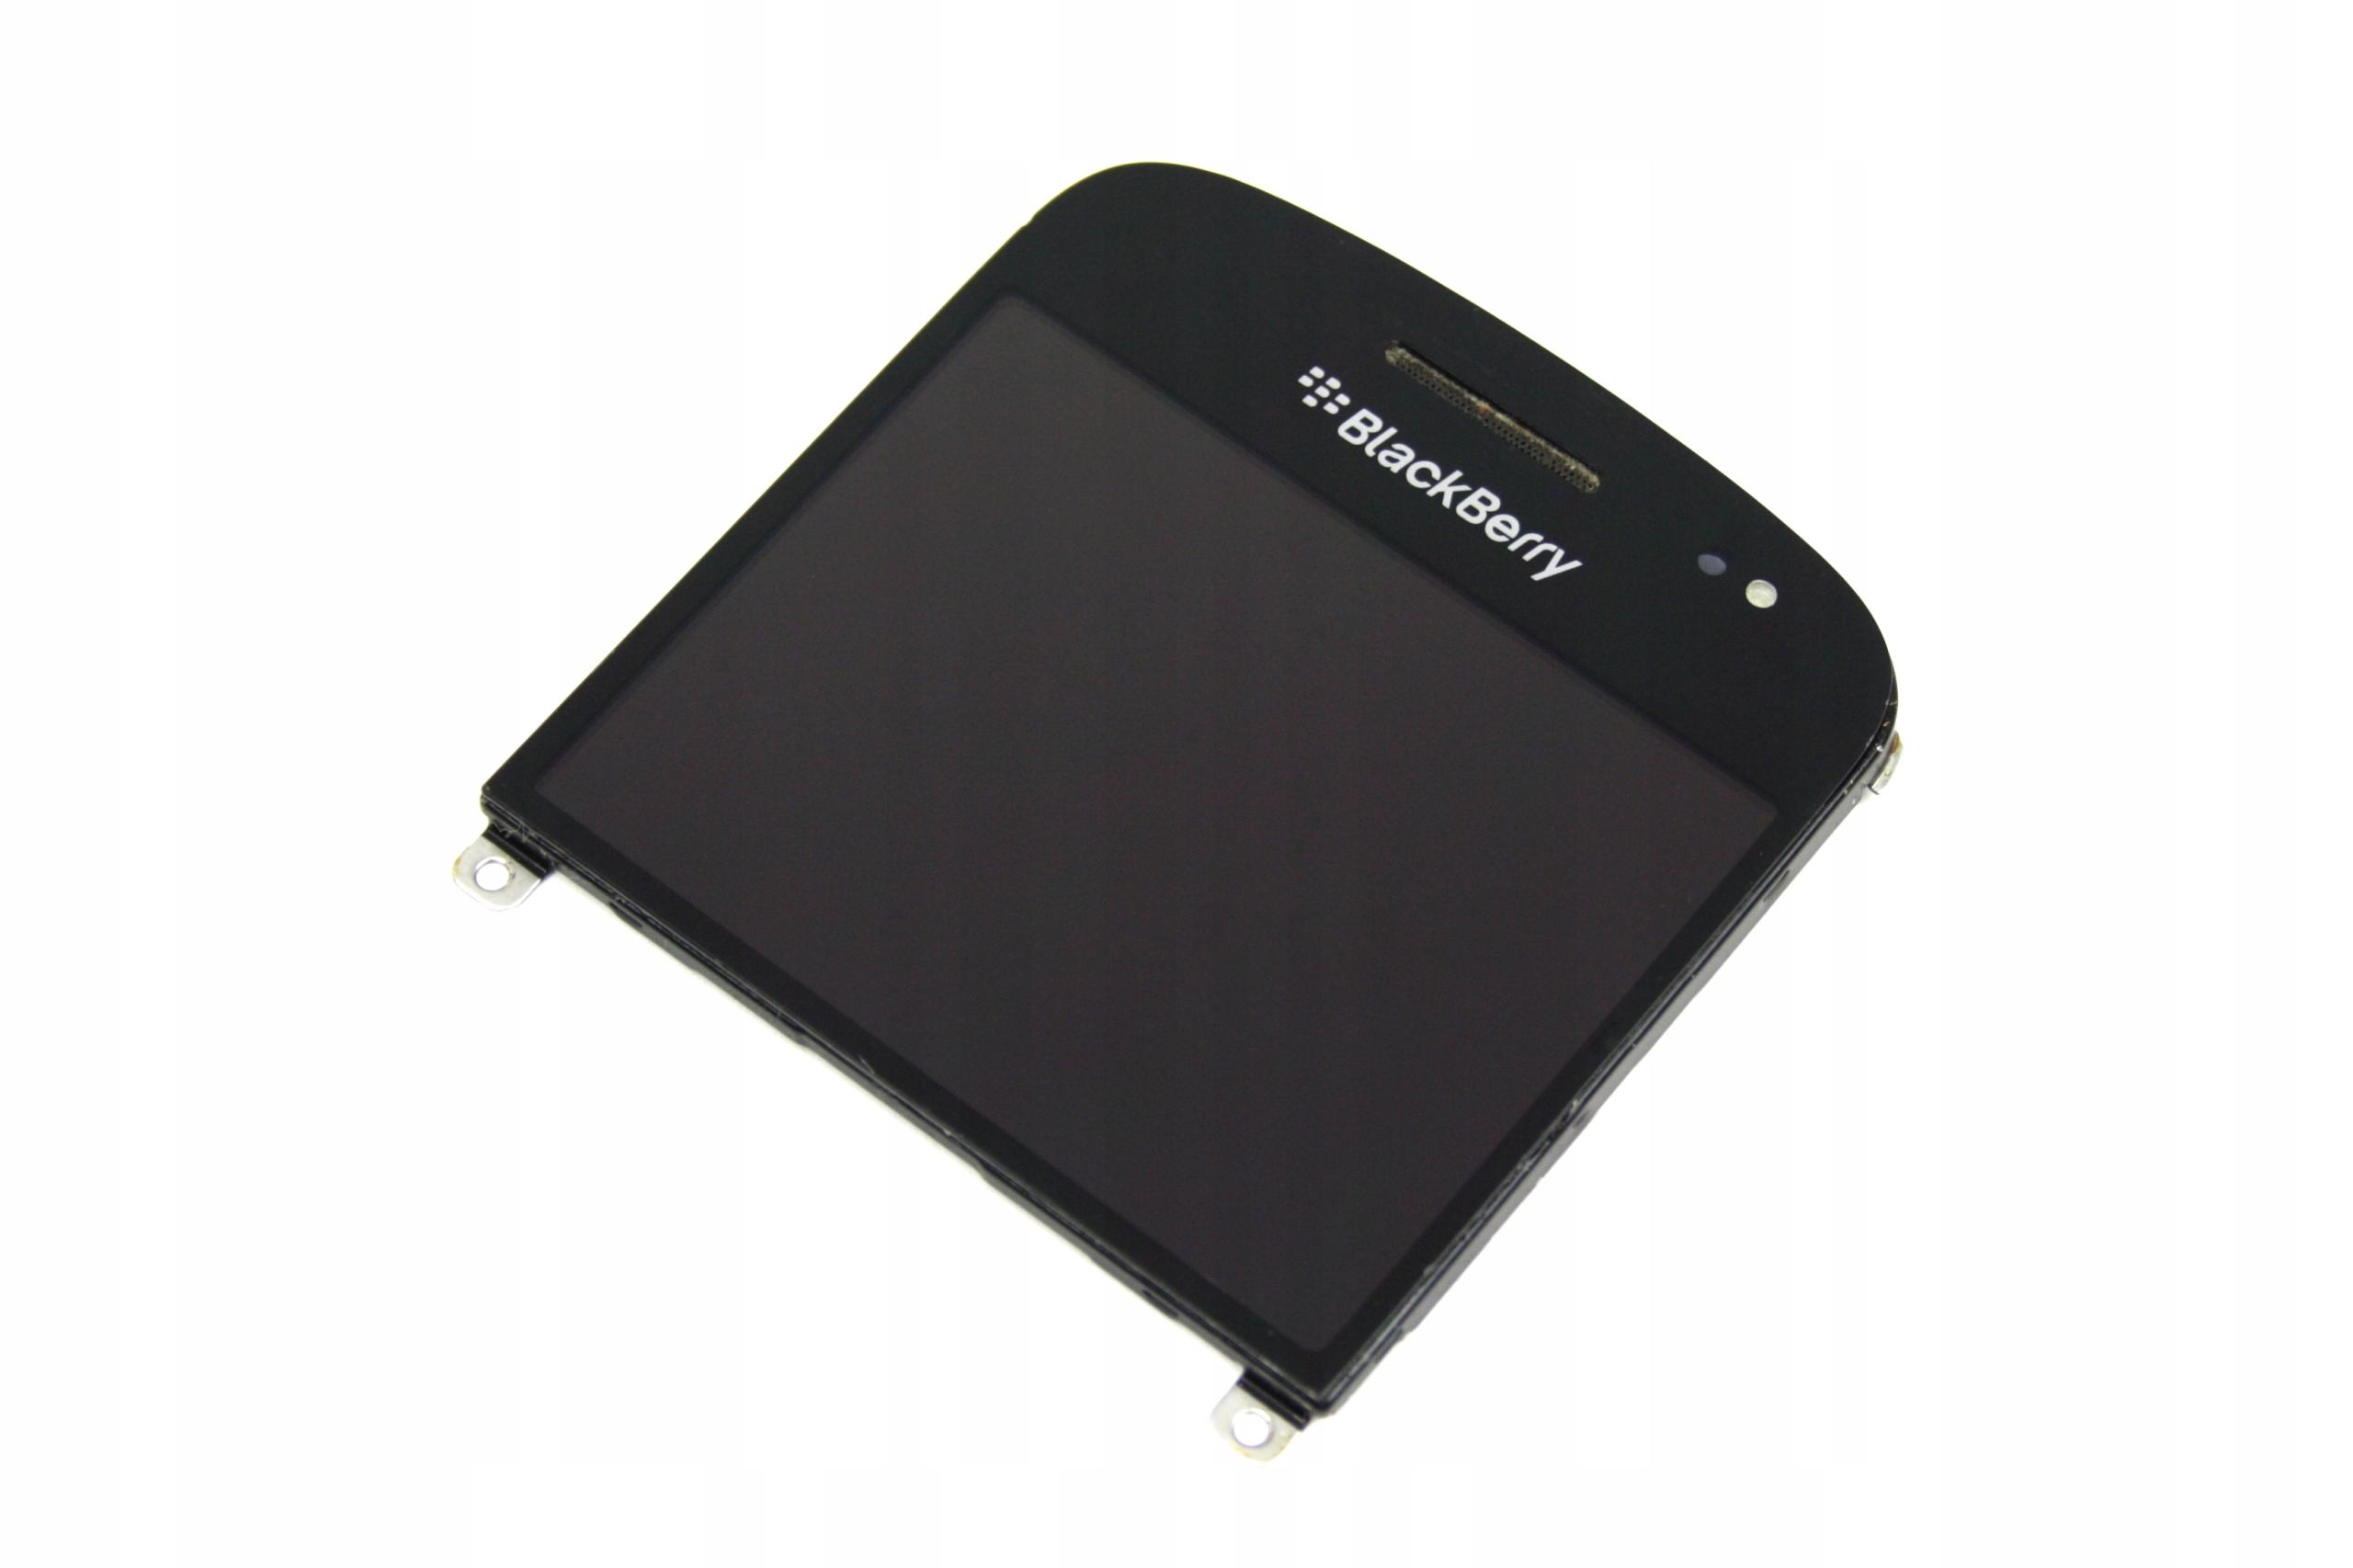 WYŚWIETLACZ LCD SZYBKA DIGITIZER BLACKBERRY 9900